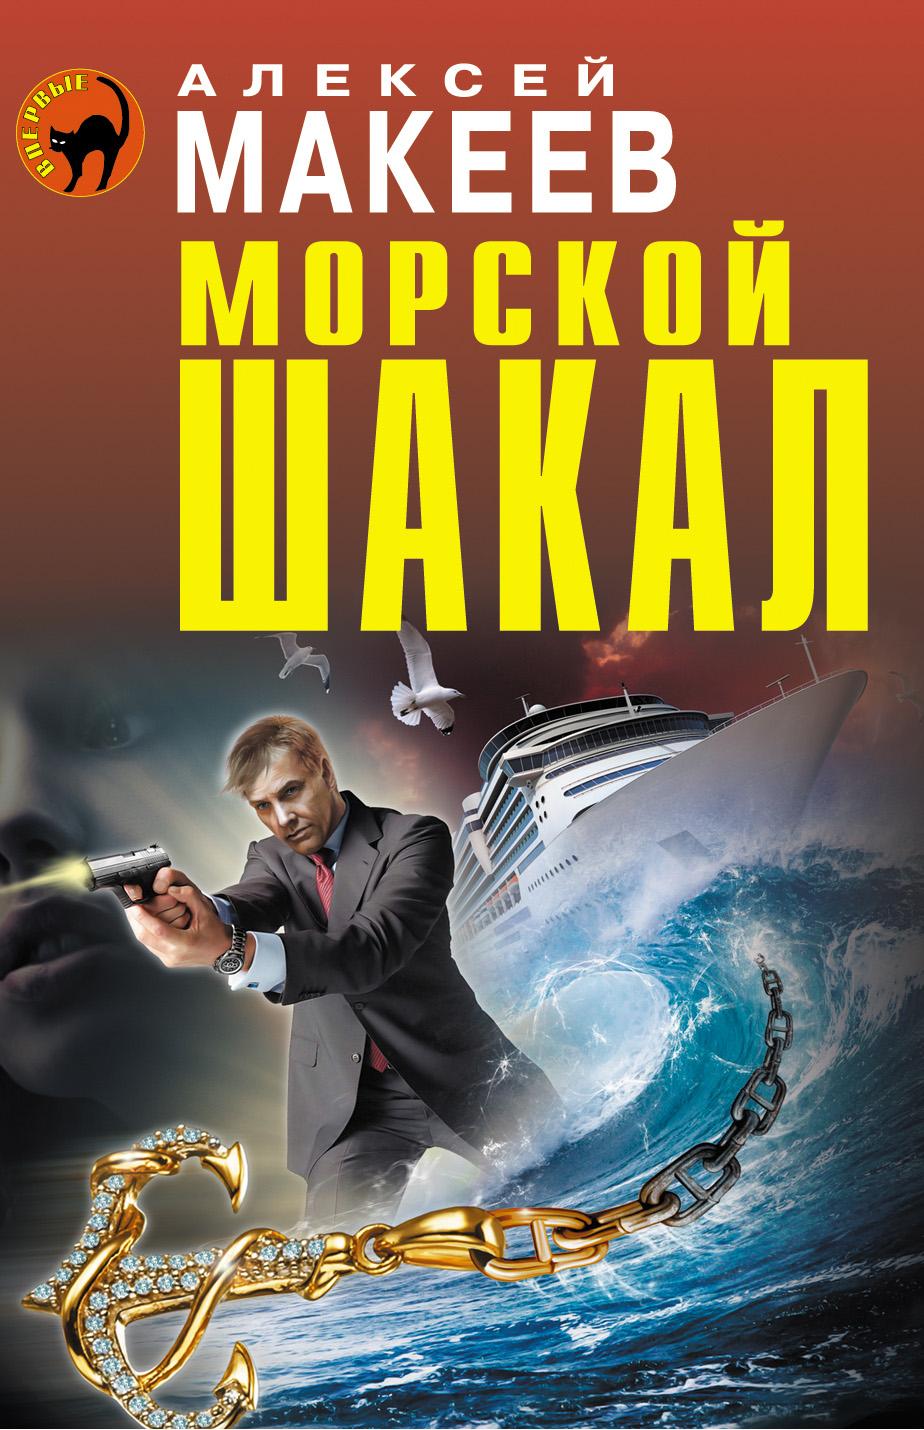 Алексей Макеев Морской шакал